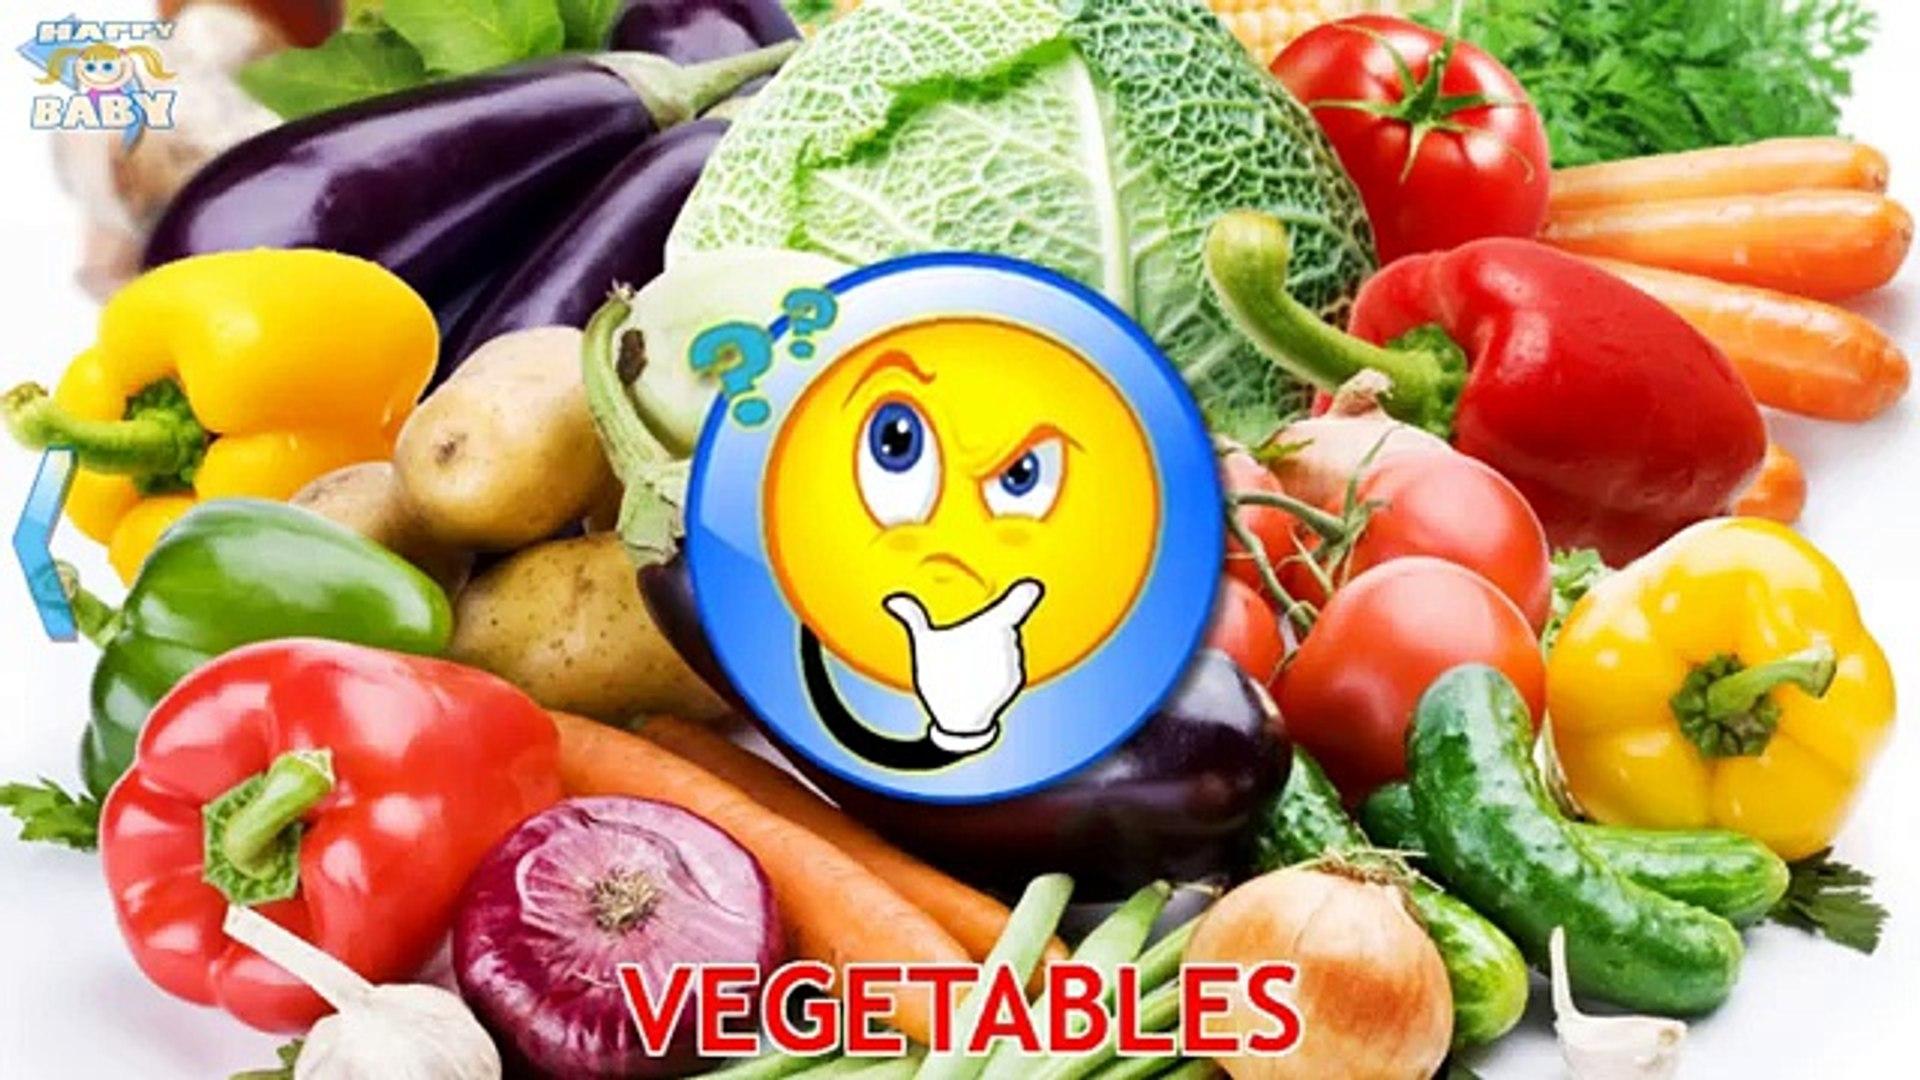 Дошкольного образования.Урок 3. Фрукты овощи цветы развивающихся видео обучающая игра начала ч